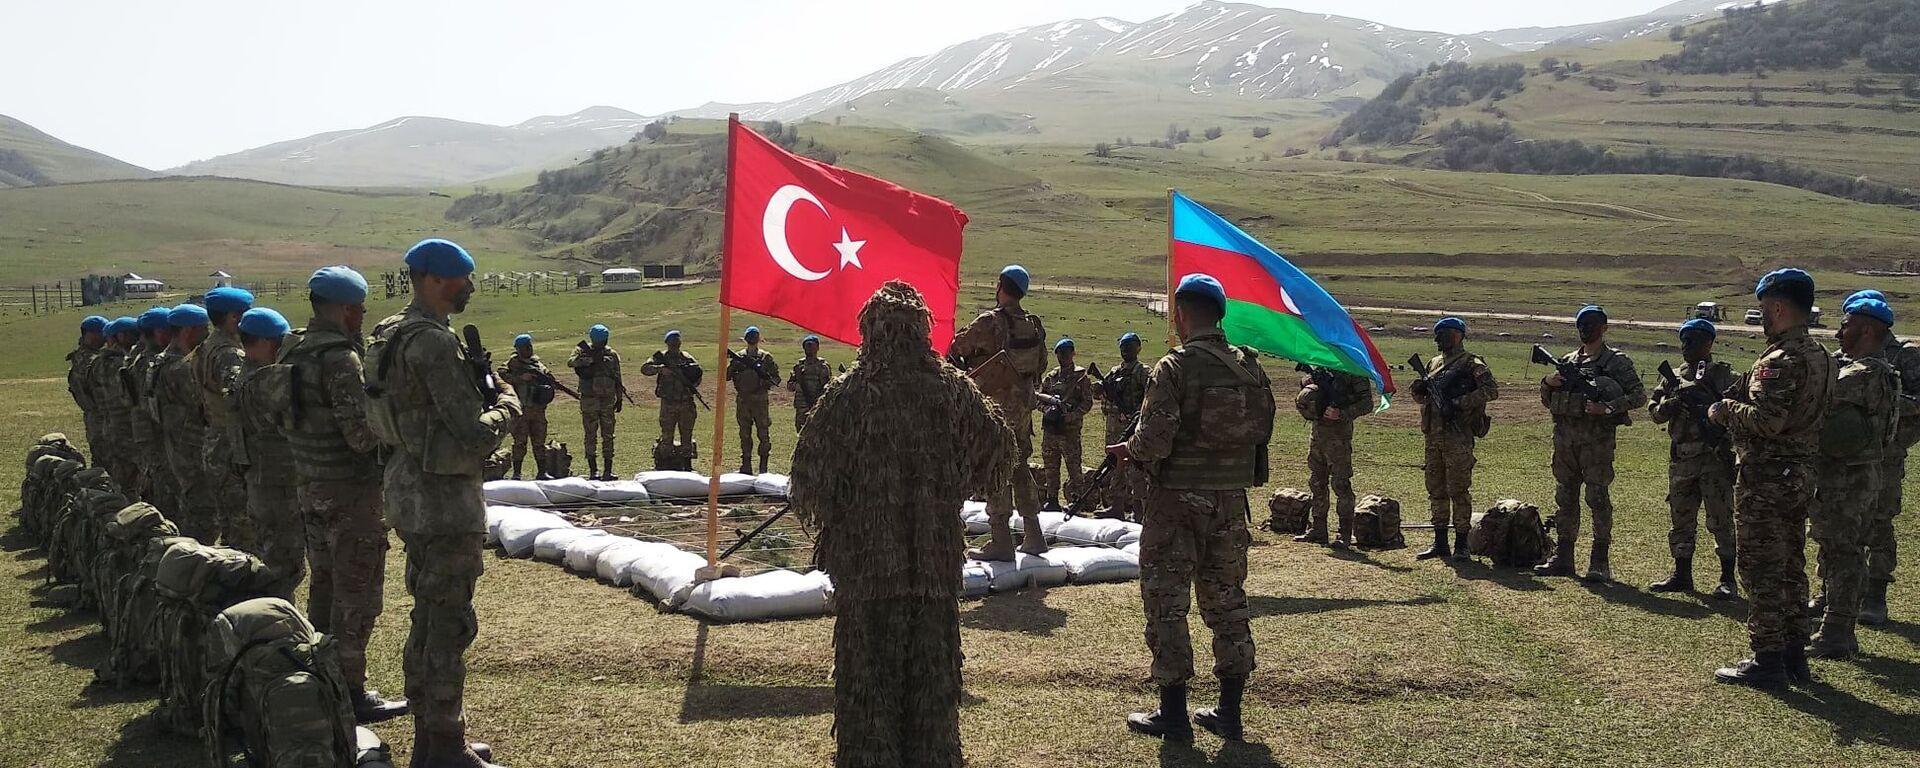 Совместные тактические учения Турции и Азербайджана - Sputnik Абхазия, 1920, 04.10.2021